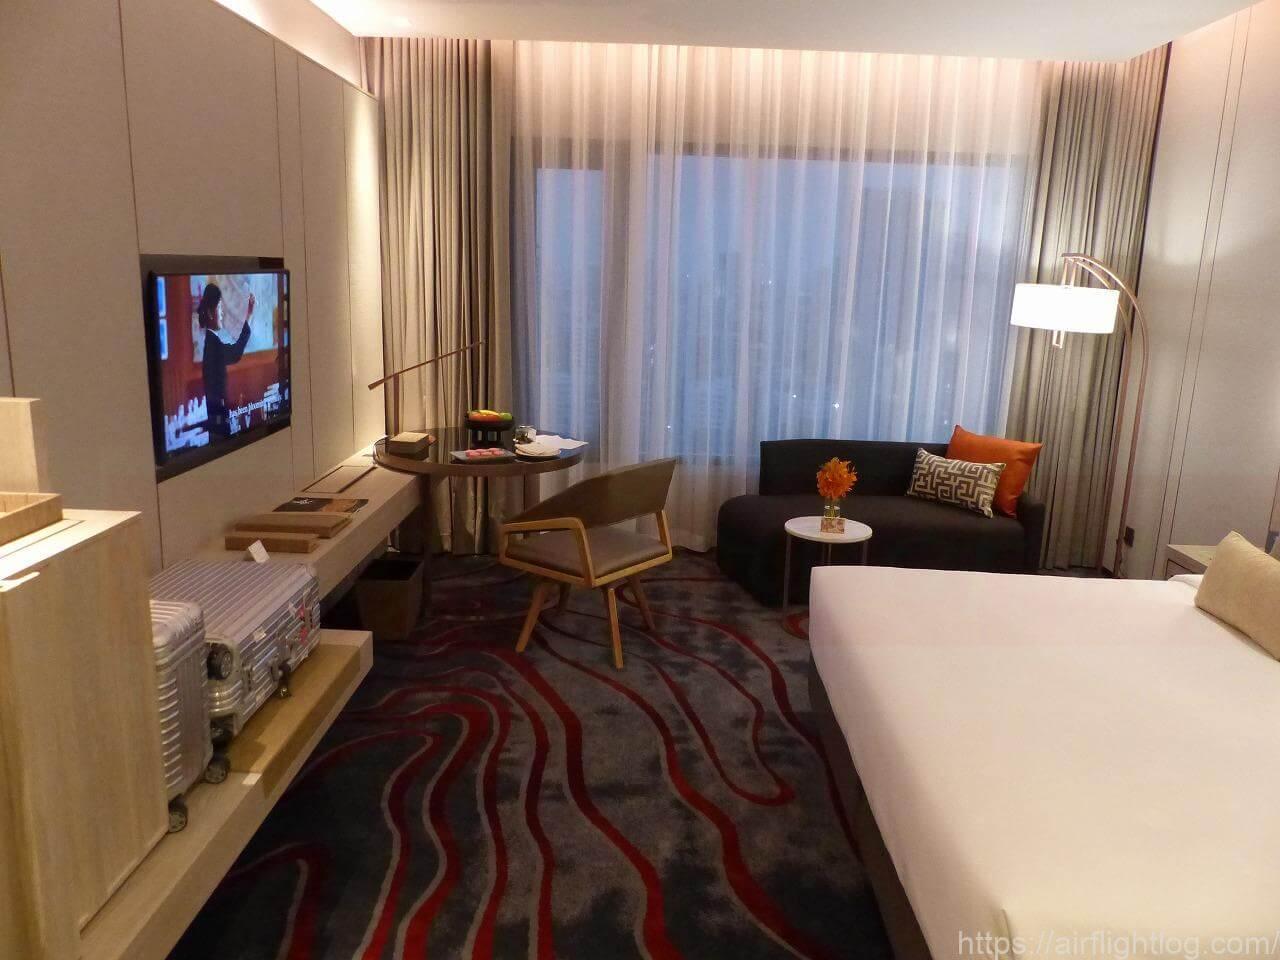 ホテル ニッコー・バンコク「ニッコー・クラブ」客室